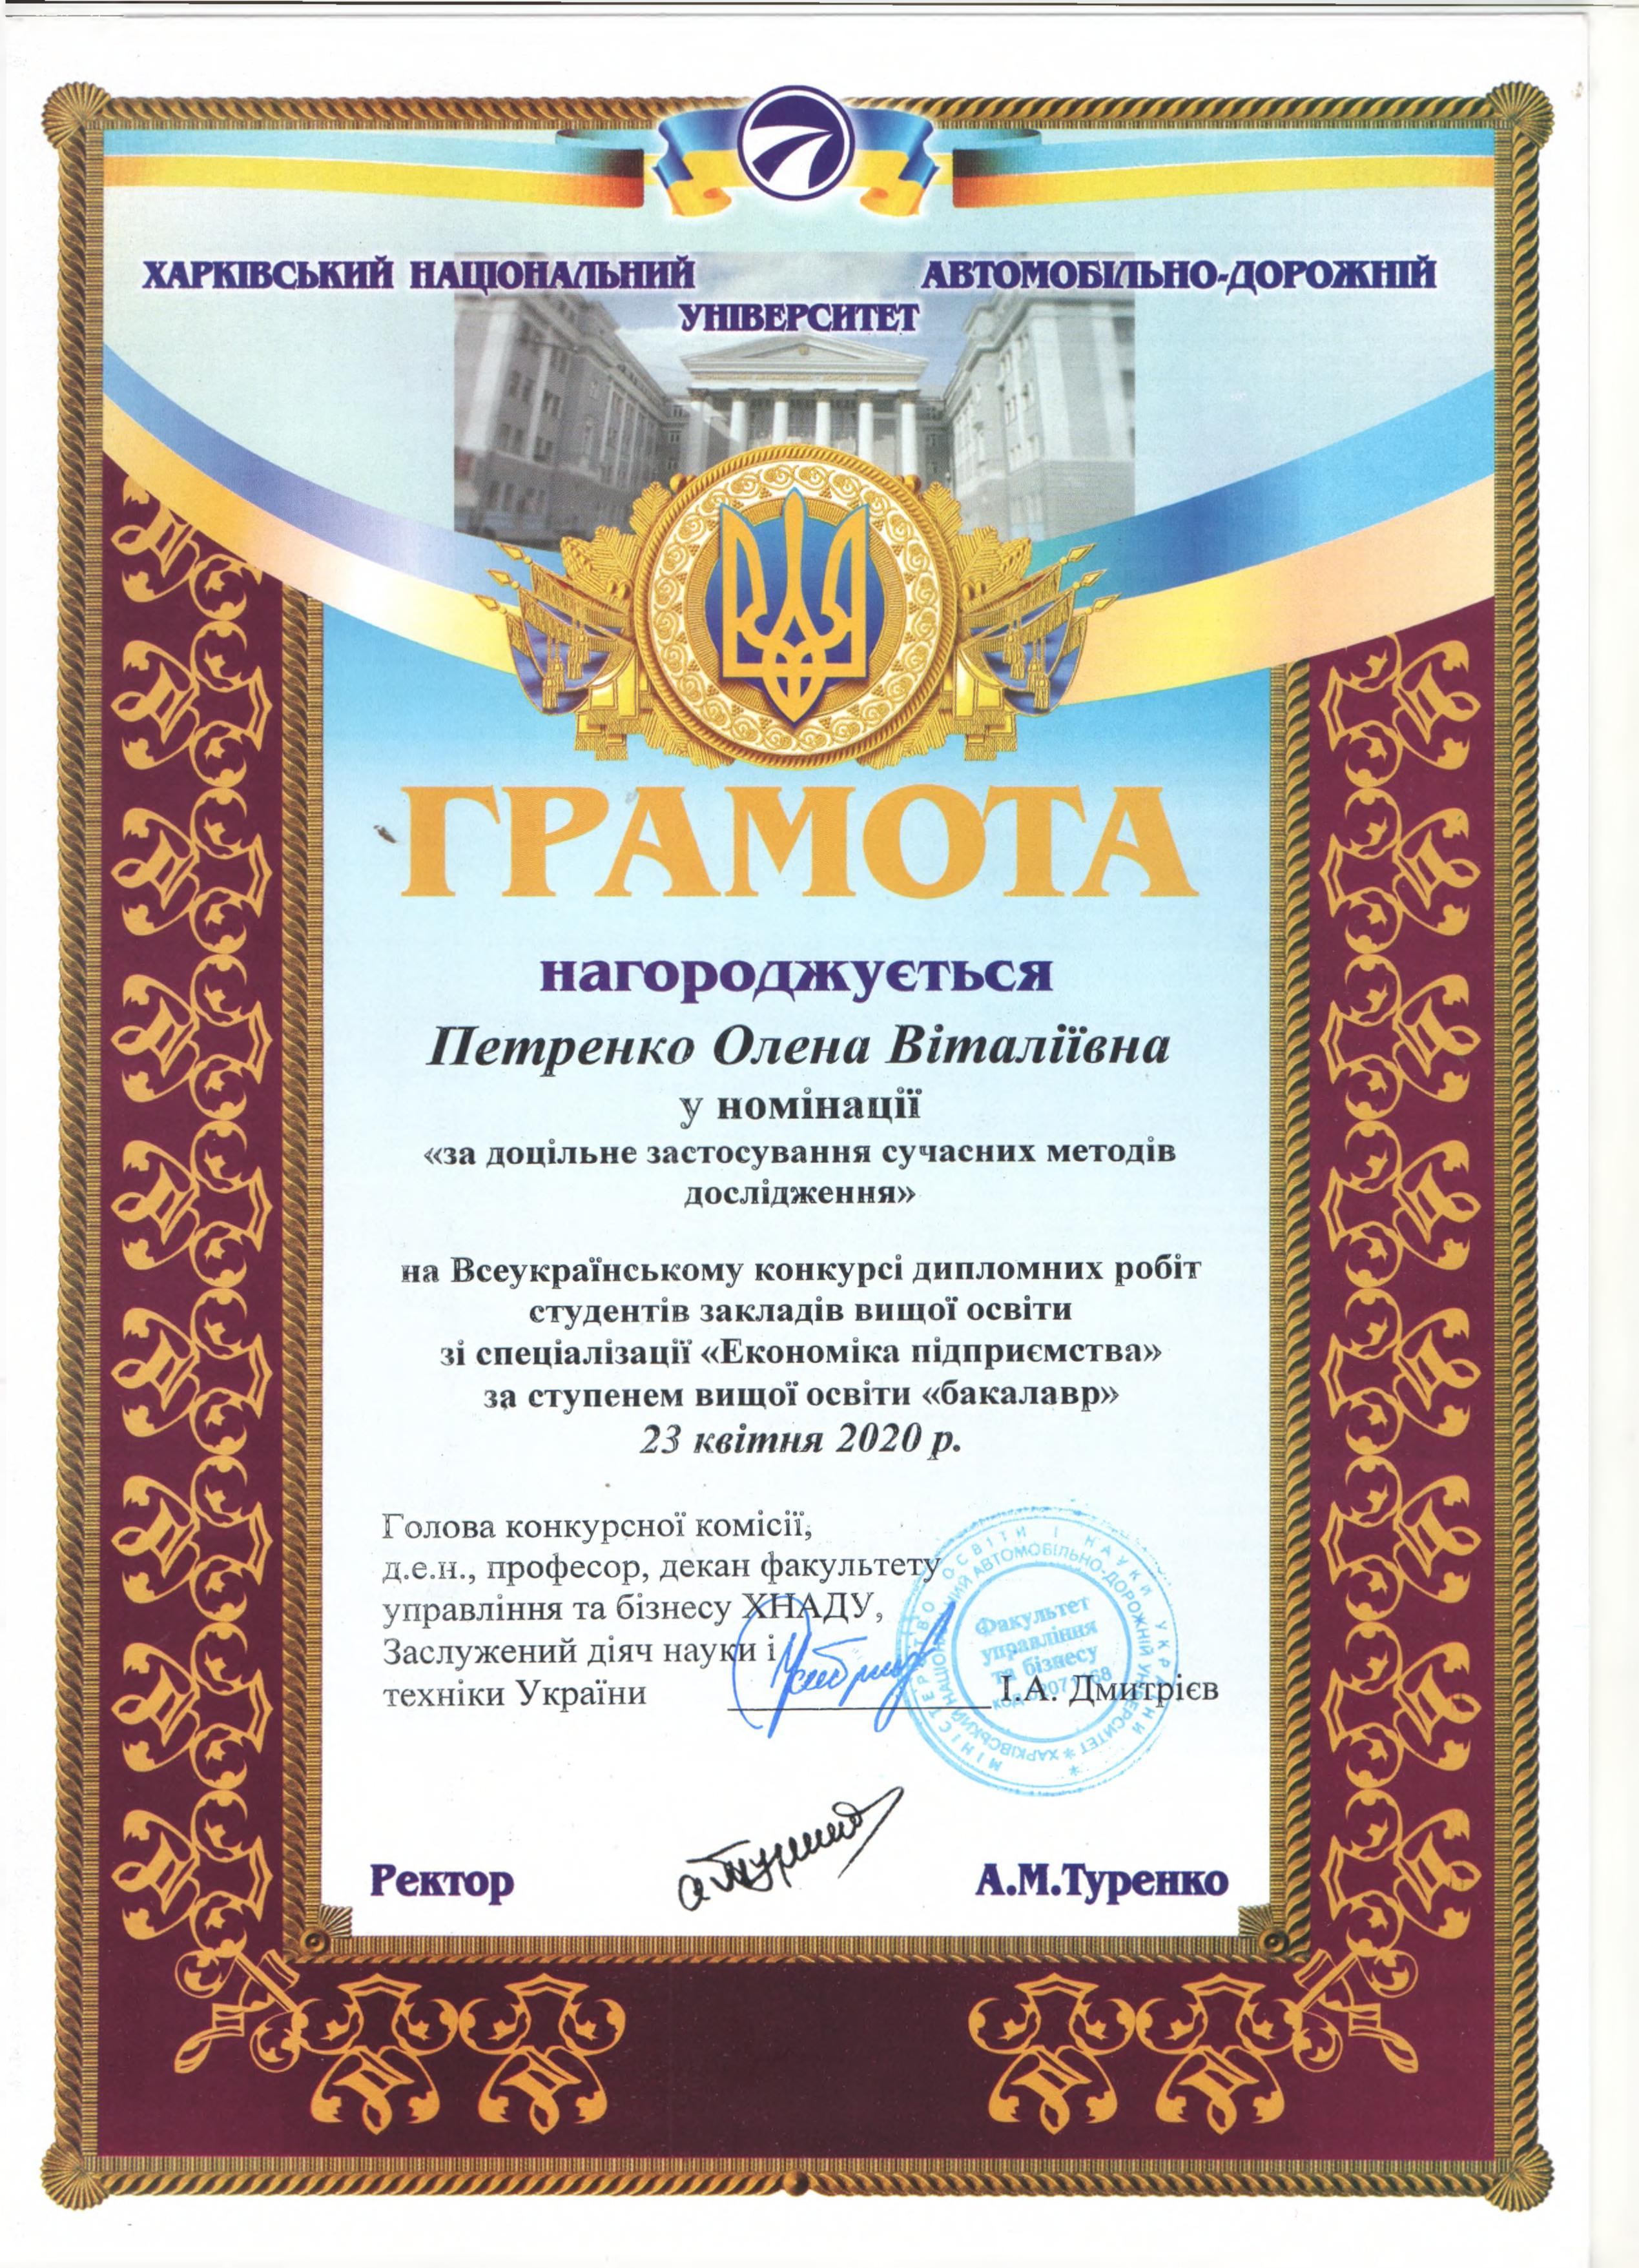 грамота конкурс дипломних робіт Економіка підприємства Петренко